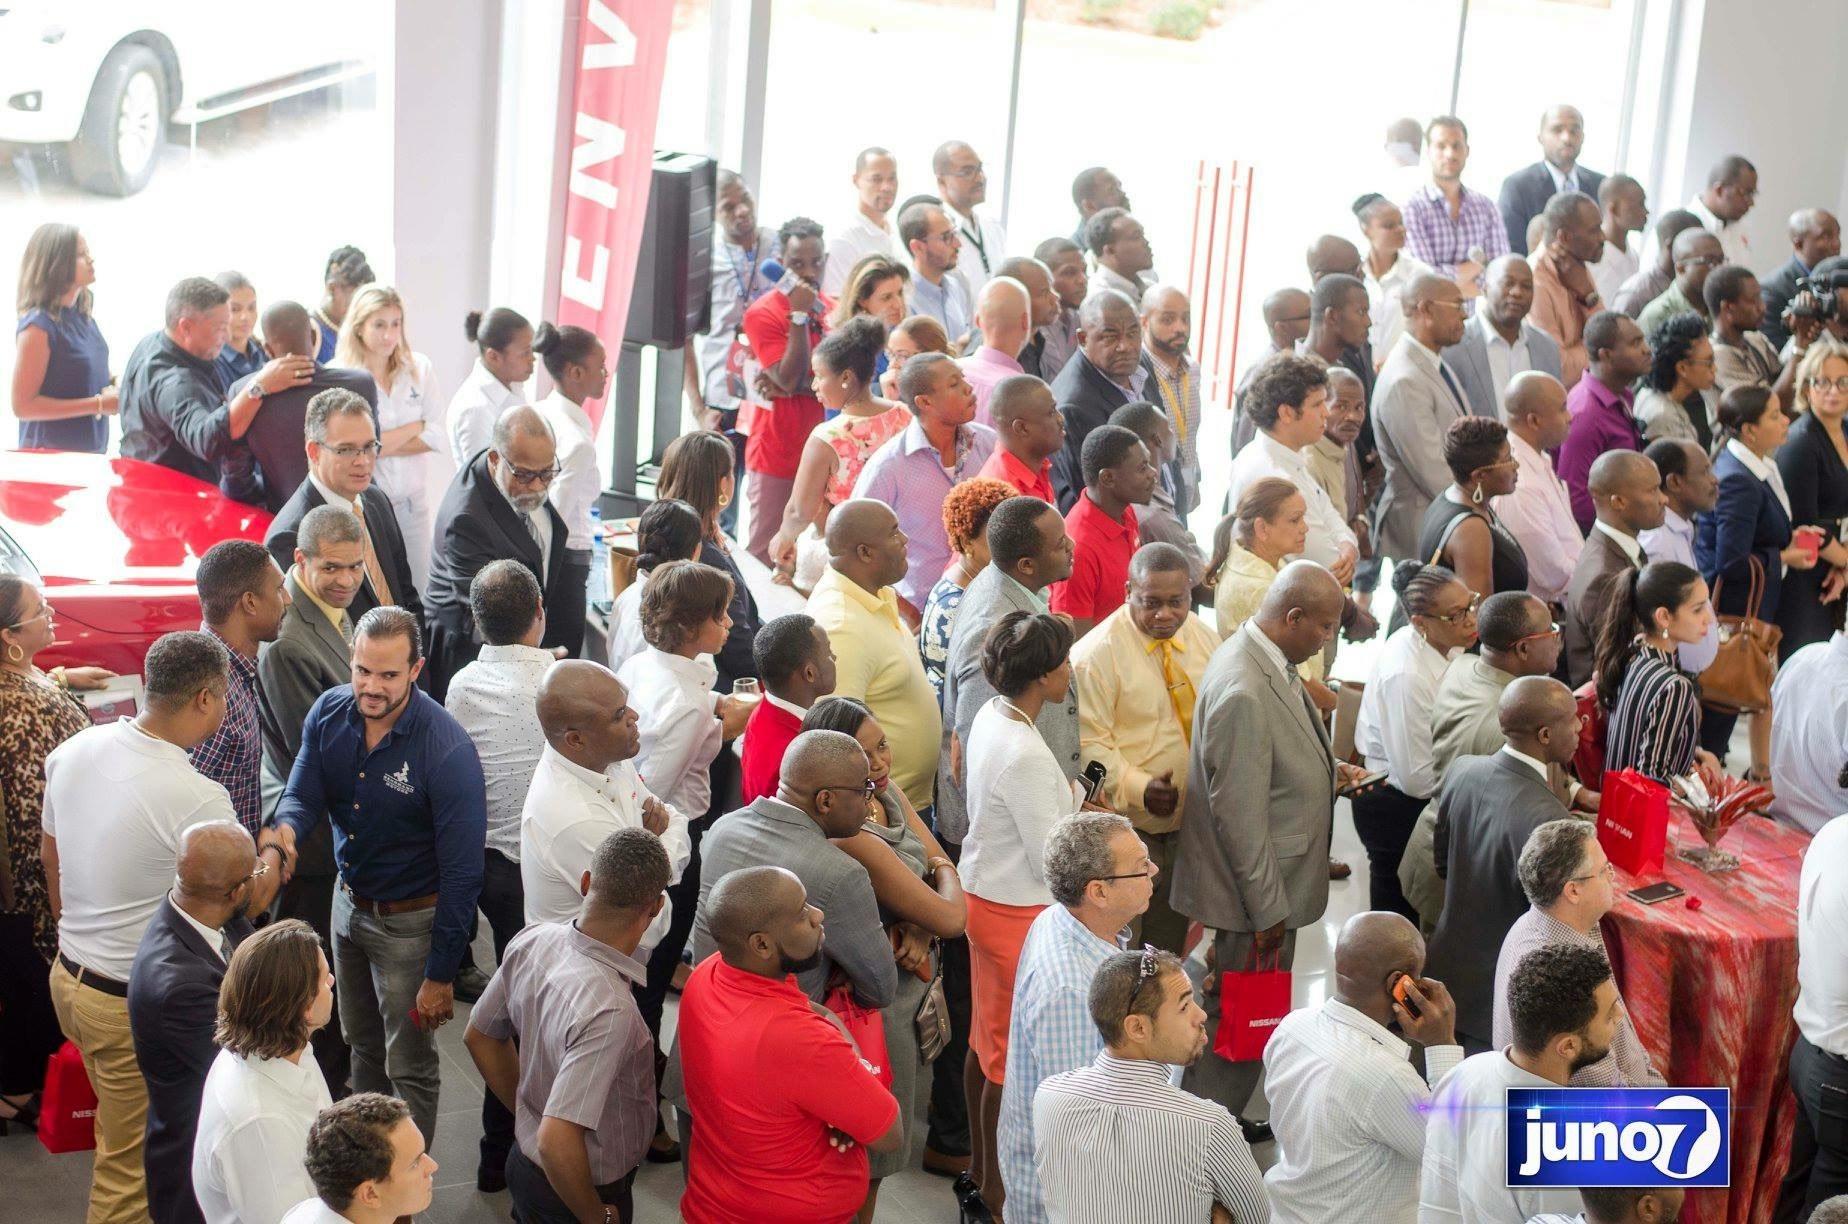 La Nissan Universal Motors inaugure le plus grand showroom de la caraïbe et de l'Amérique latine 29